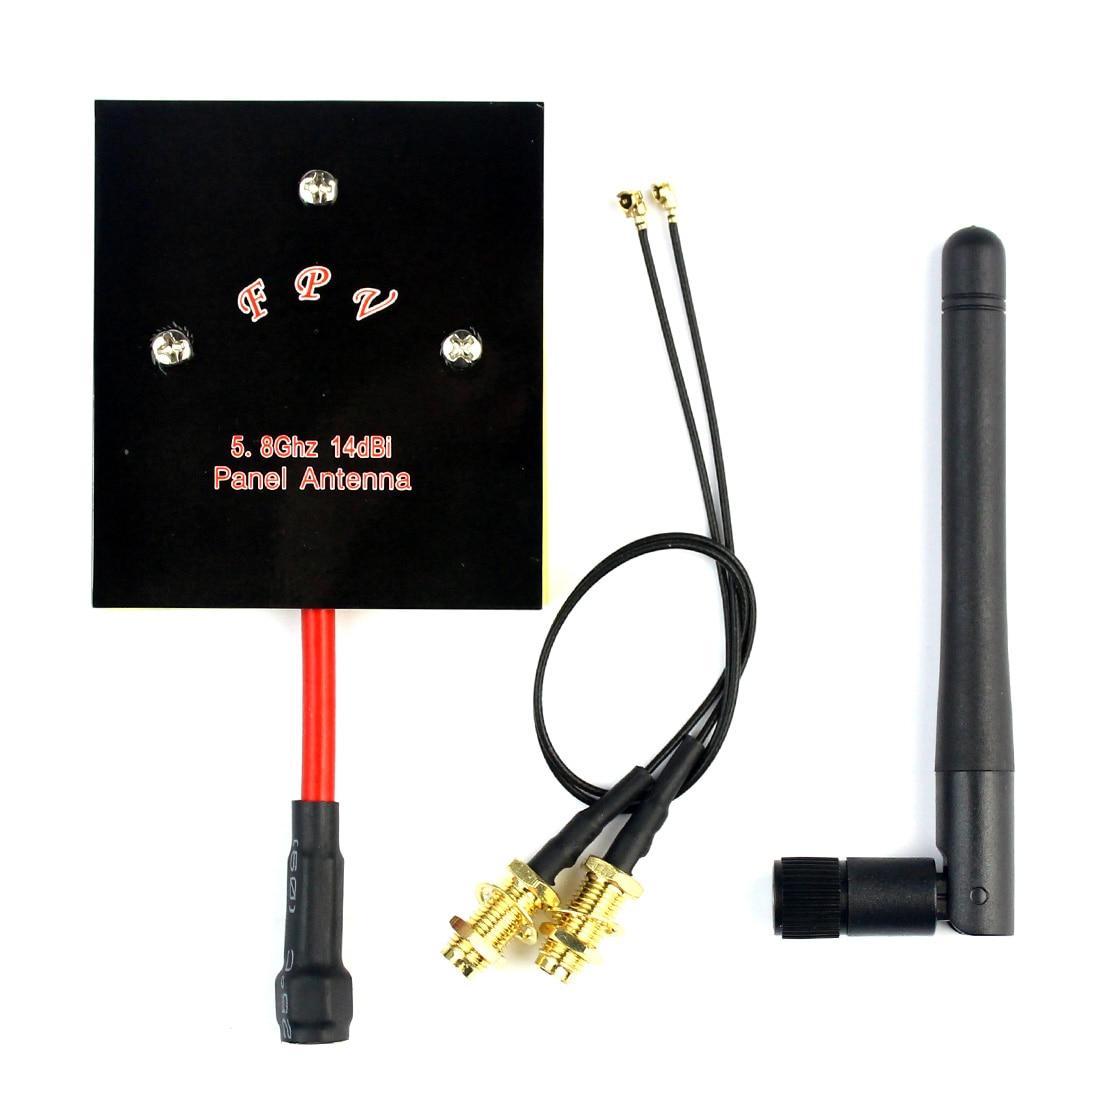 5.8G 14dBi Enhanced Range Modification Panel Antenna Kit for Hubsan H501S H502S FPV Racer Drone F21718